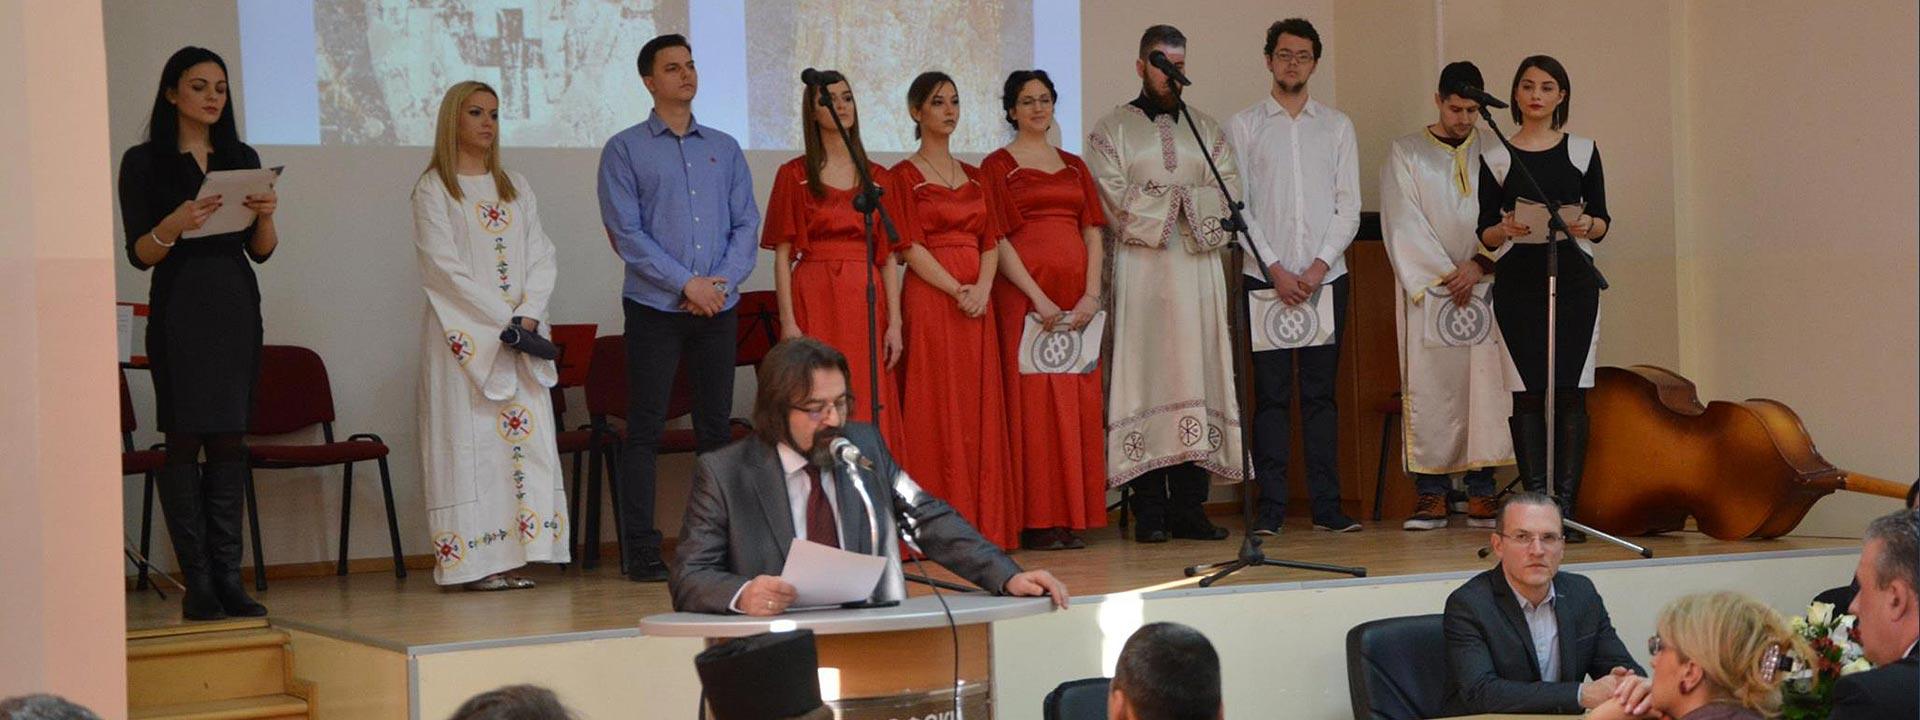 Филозофски факултет обележио Савиндан и осам векова српске државности